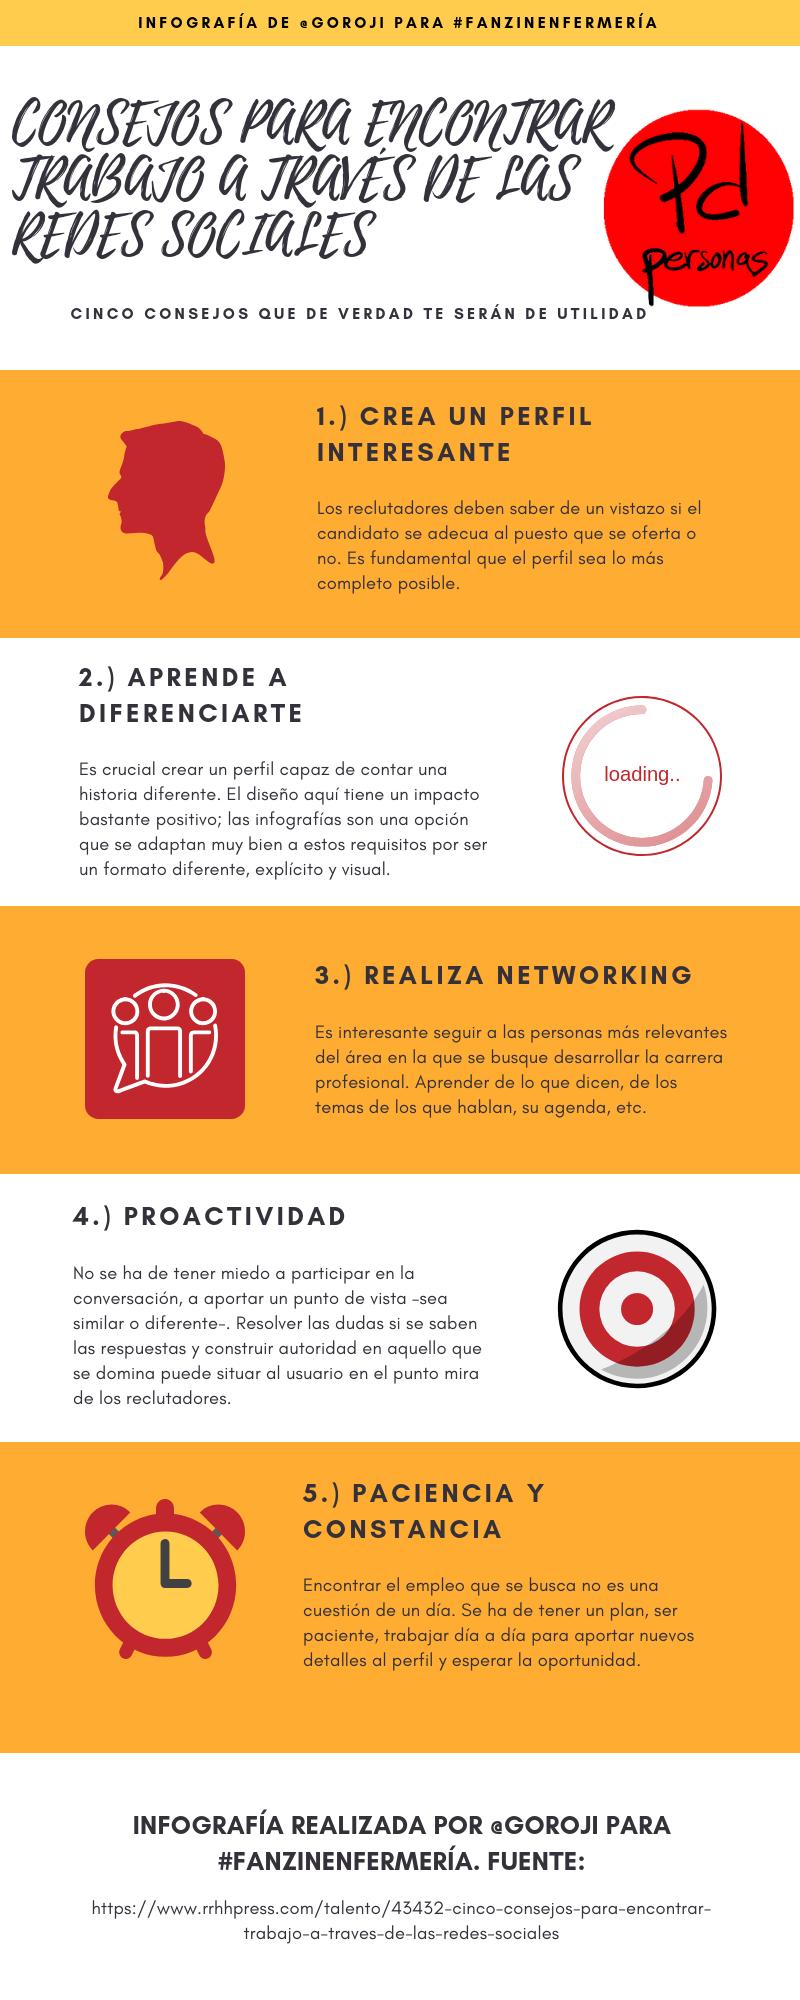 Consejos Para Encontrar Empleo A Través De Las Redes Sociales Fanzine Socialismo Redes Sociales Consejos